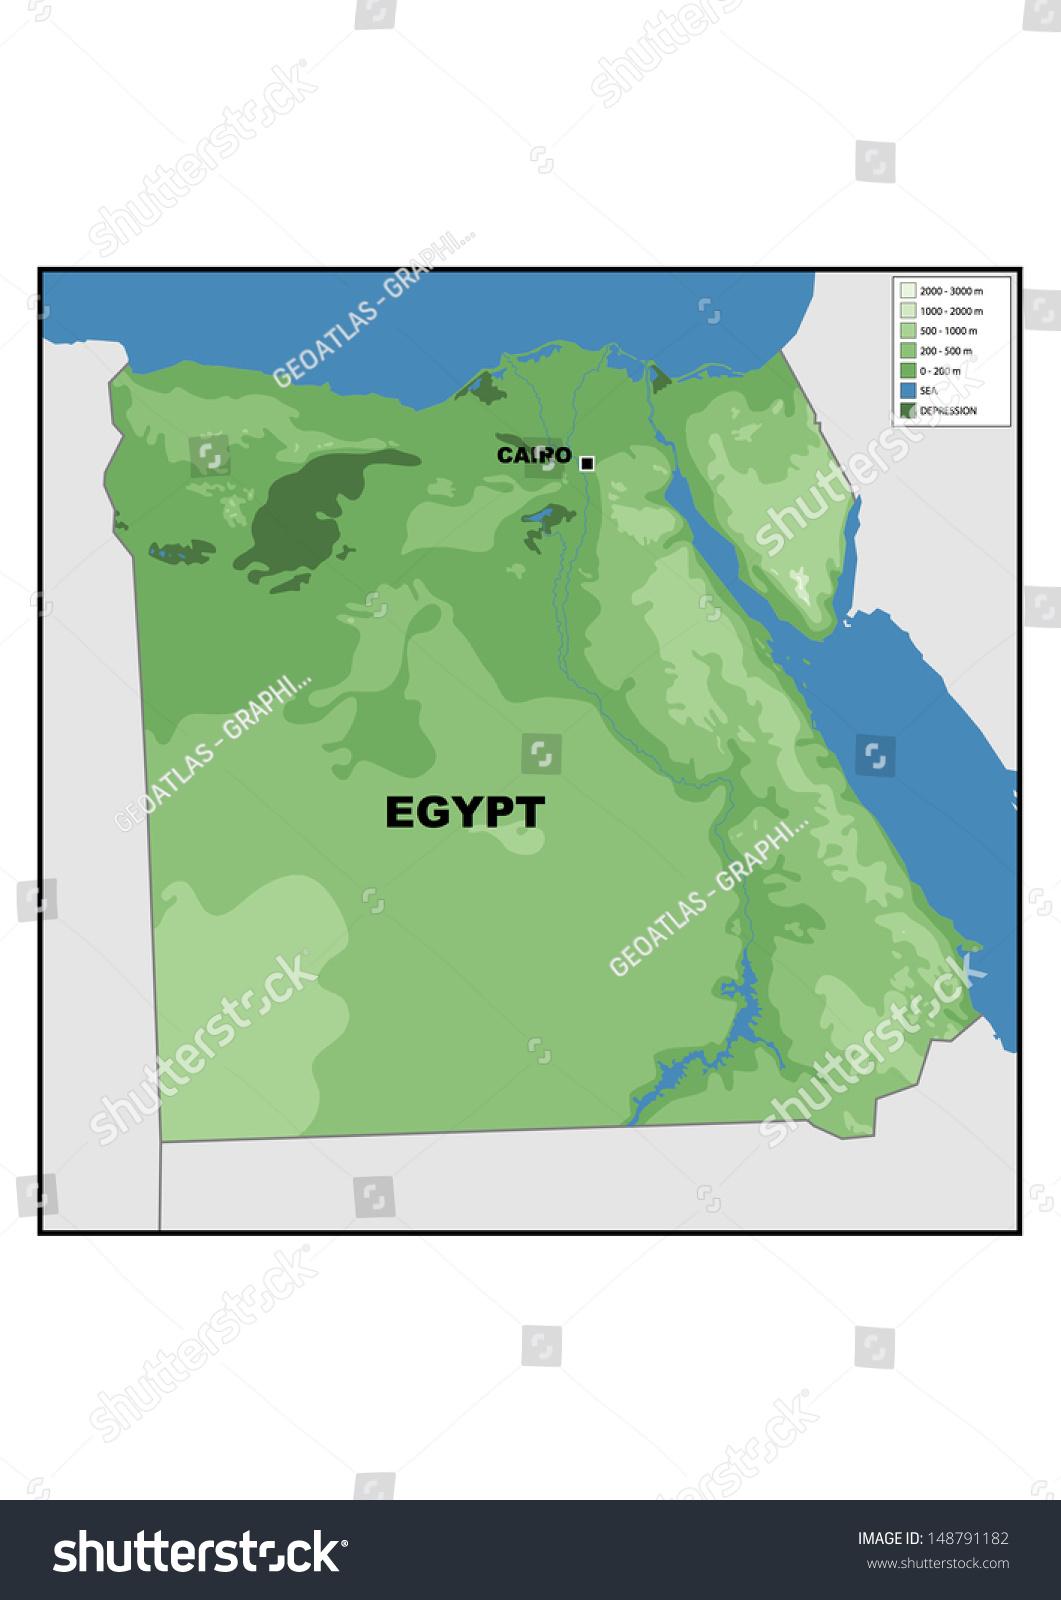 Physical Map Egypt Stock Illustration Shutterstock - Egypt physical map